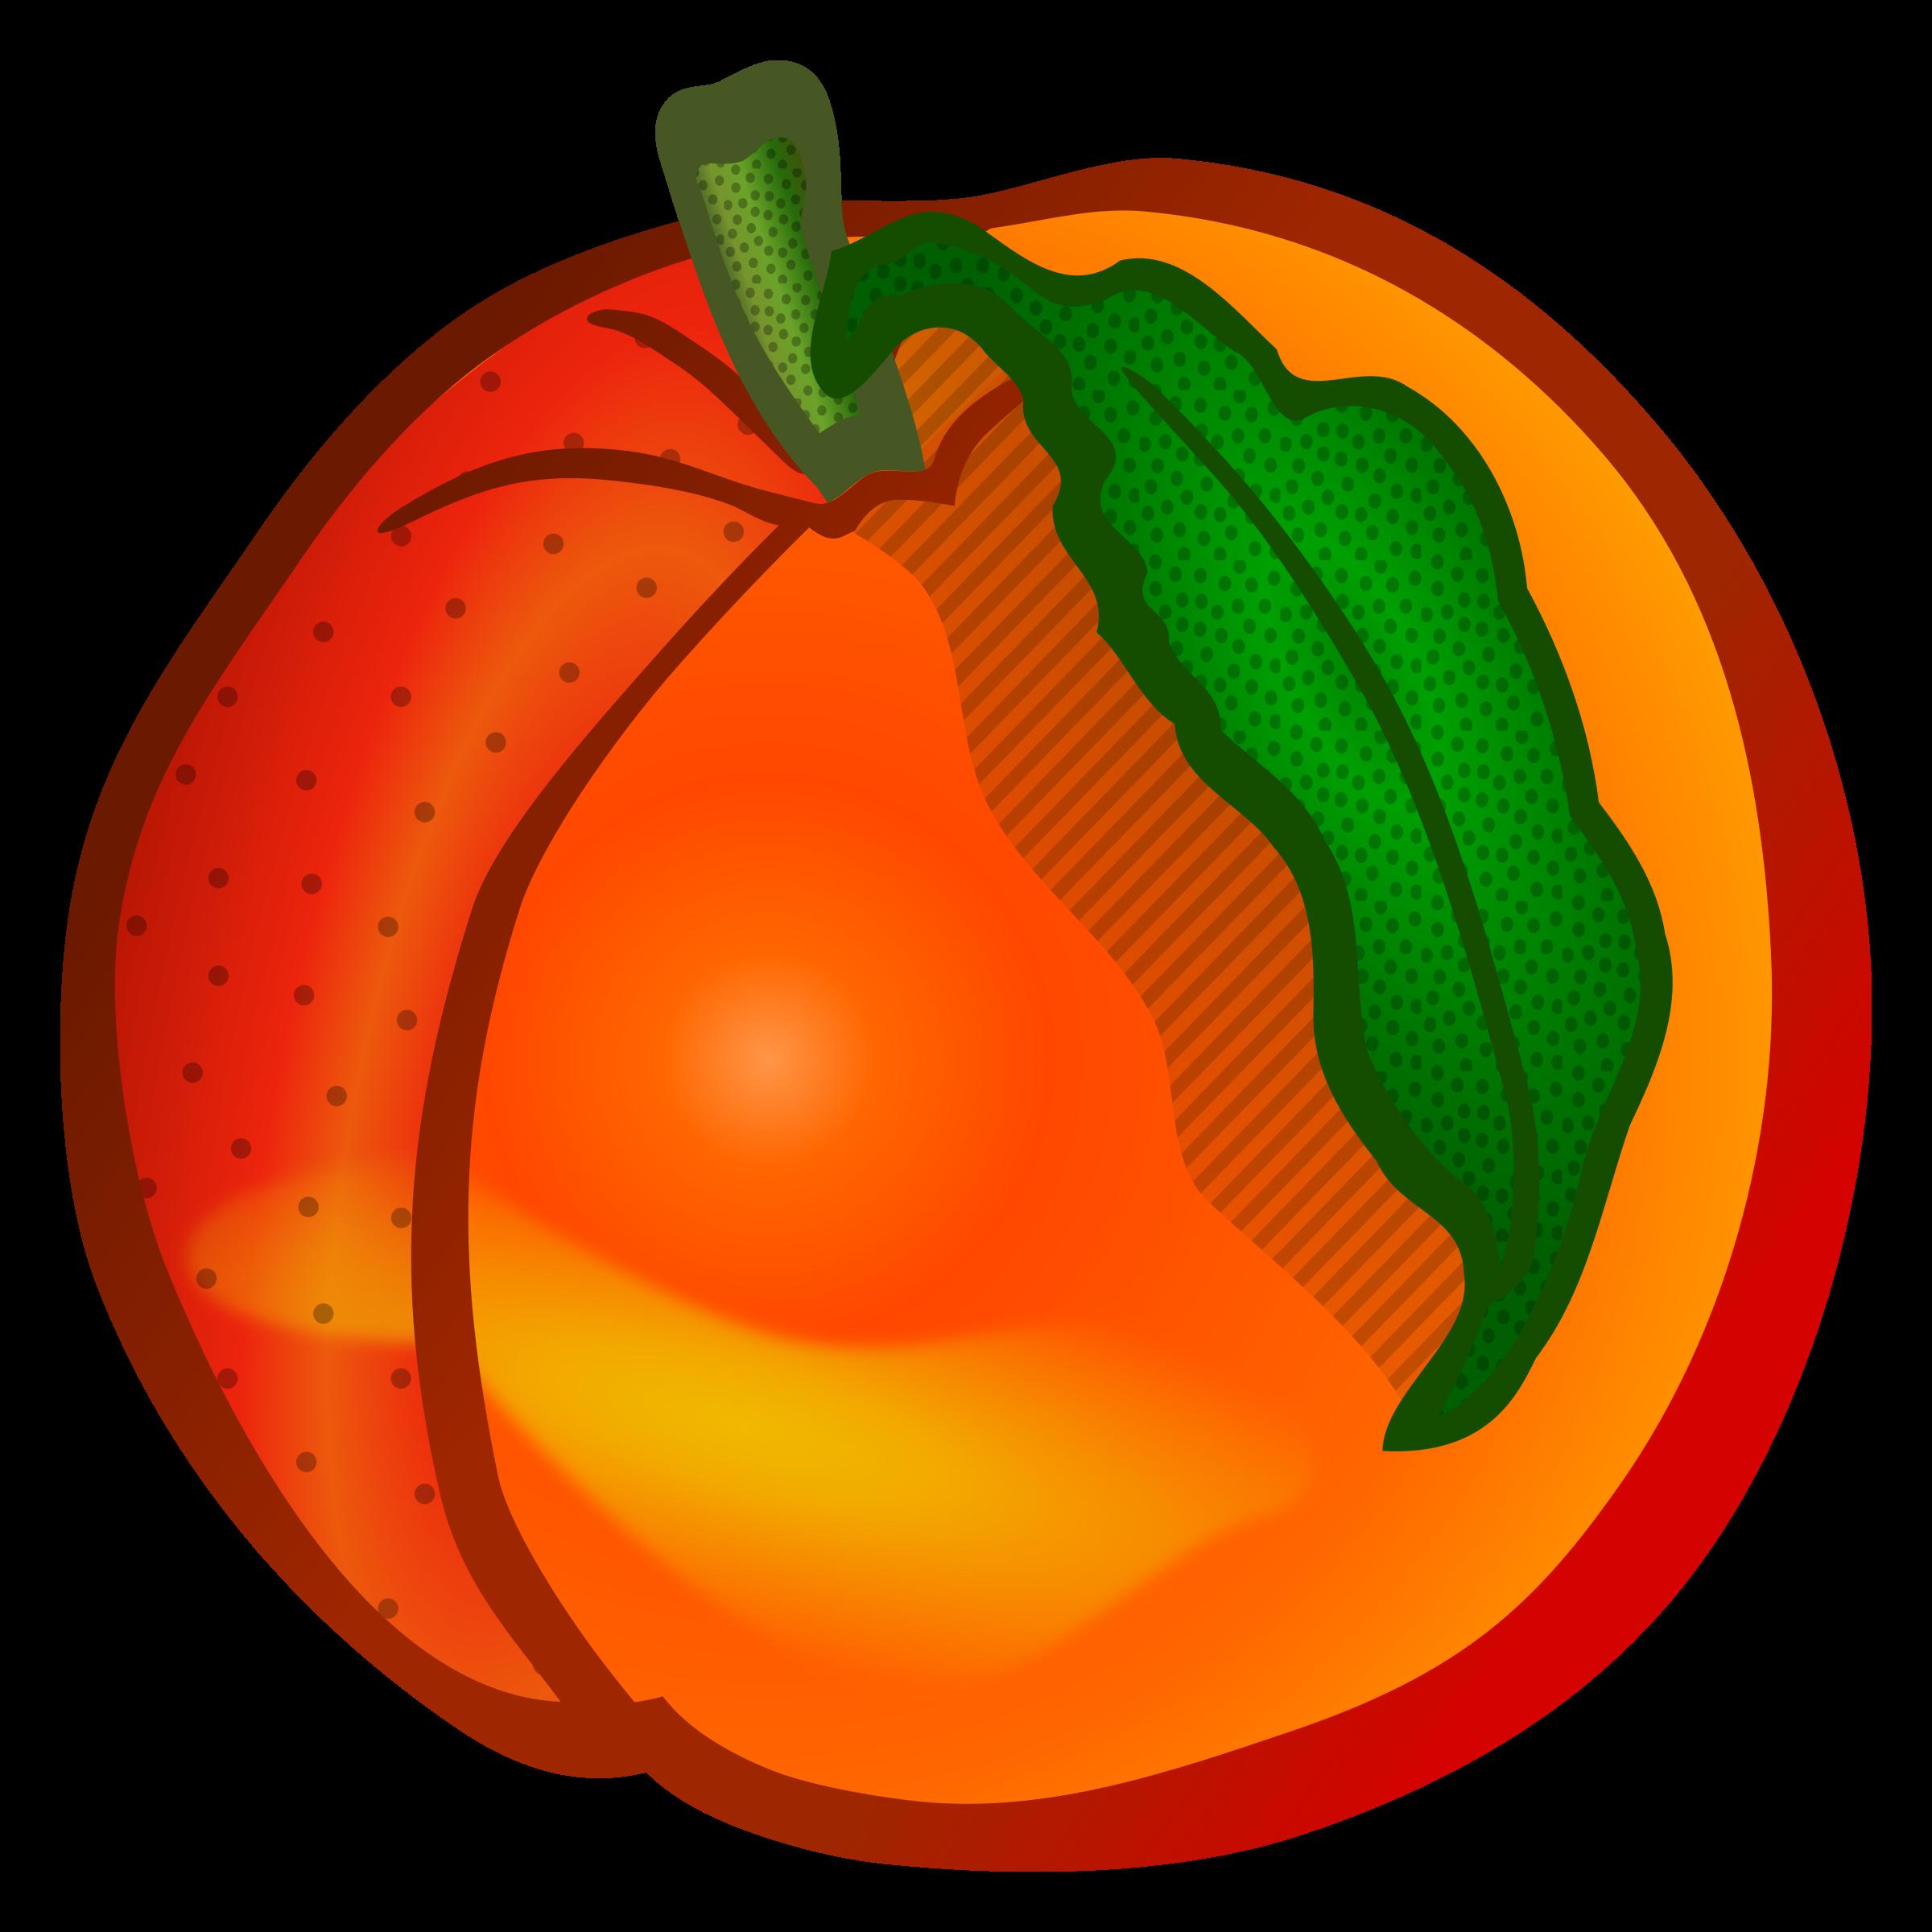 Georgia clipart sticker. Free orange download best